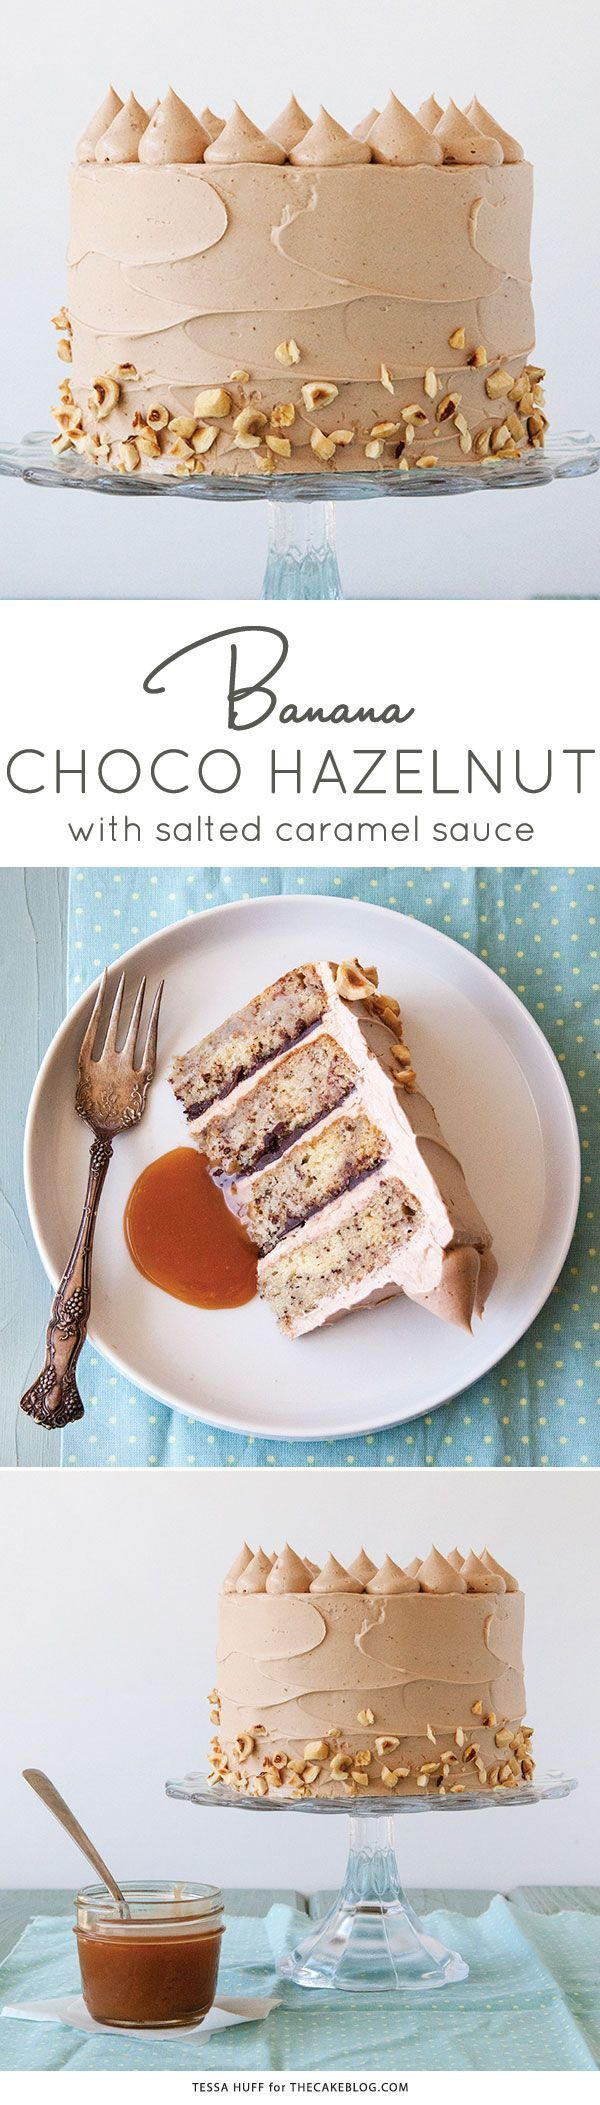 Banana Chocolate Hazelnut Cake | Recipe by Tessa Huff for TheCakeBlog.com